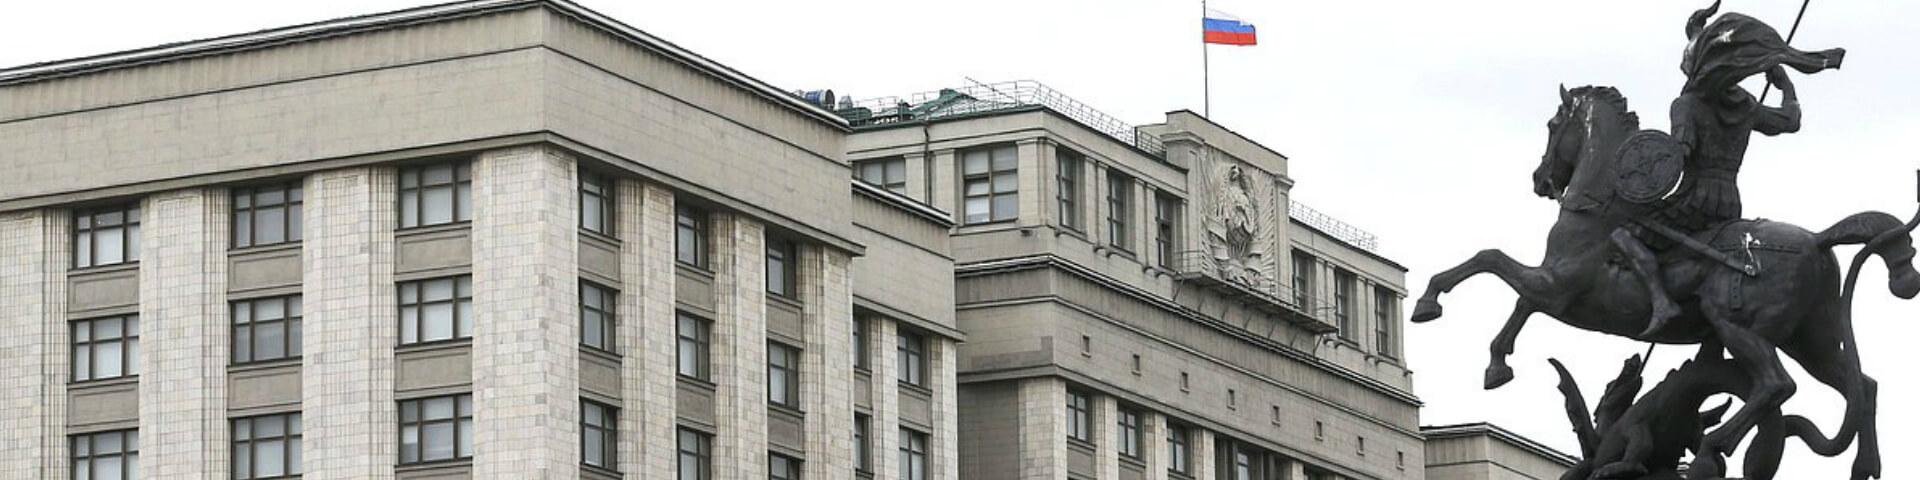 Власти РФ не намерены поднимать возрастные ограничения для беттинга